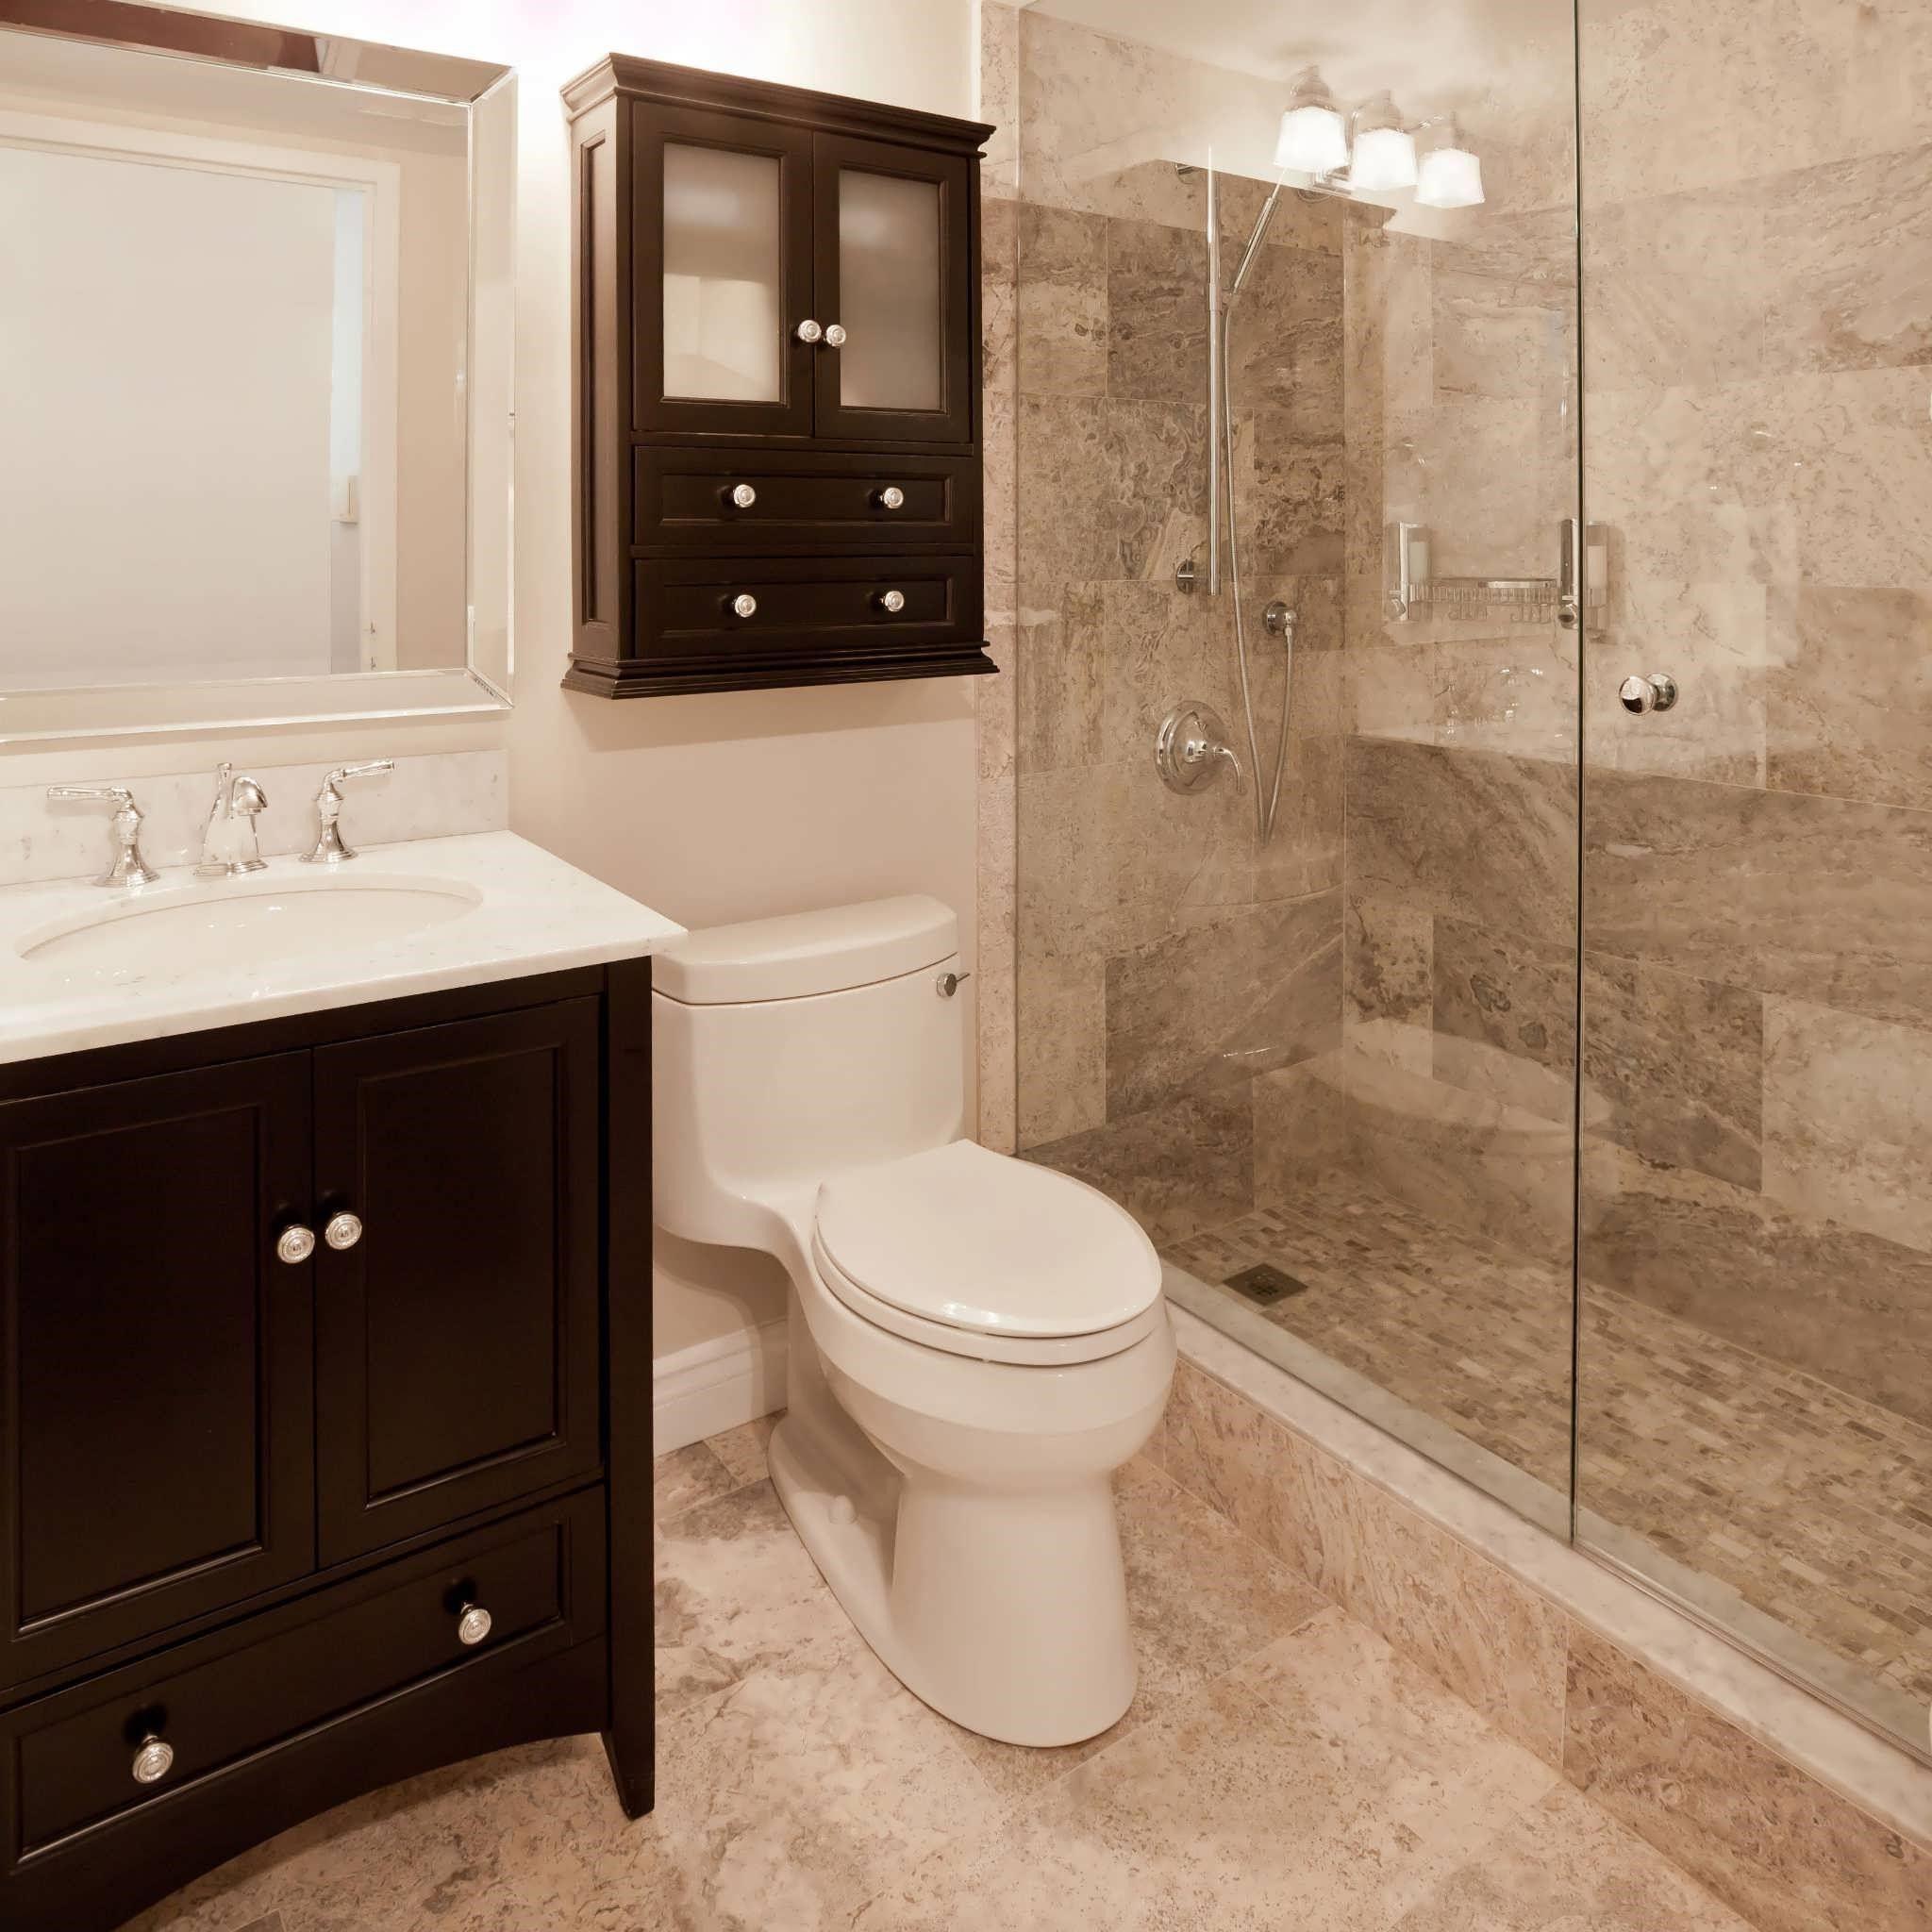 Dusche Ideen Fur Ein Kleines Bad Kleines Bad Mit Dusche Badezimmer Klein Kleines Bad Gestalten